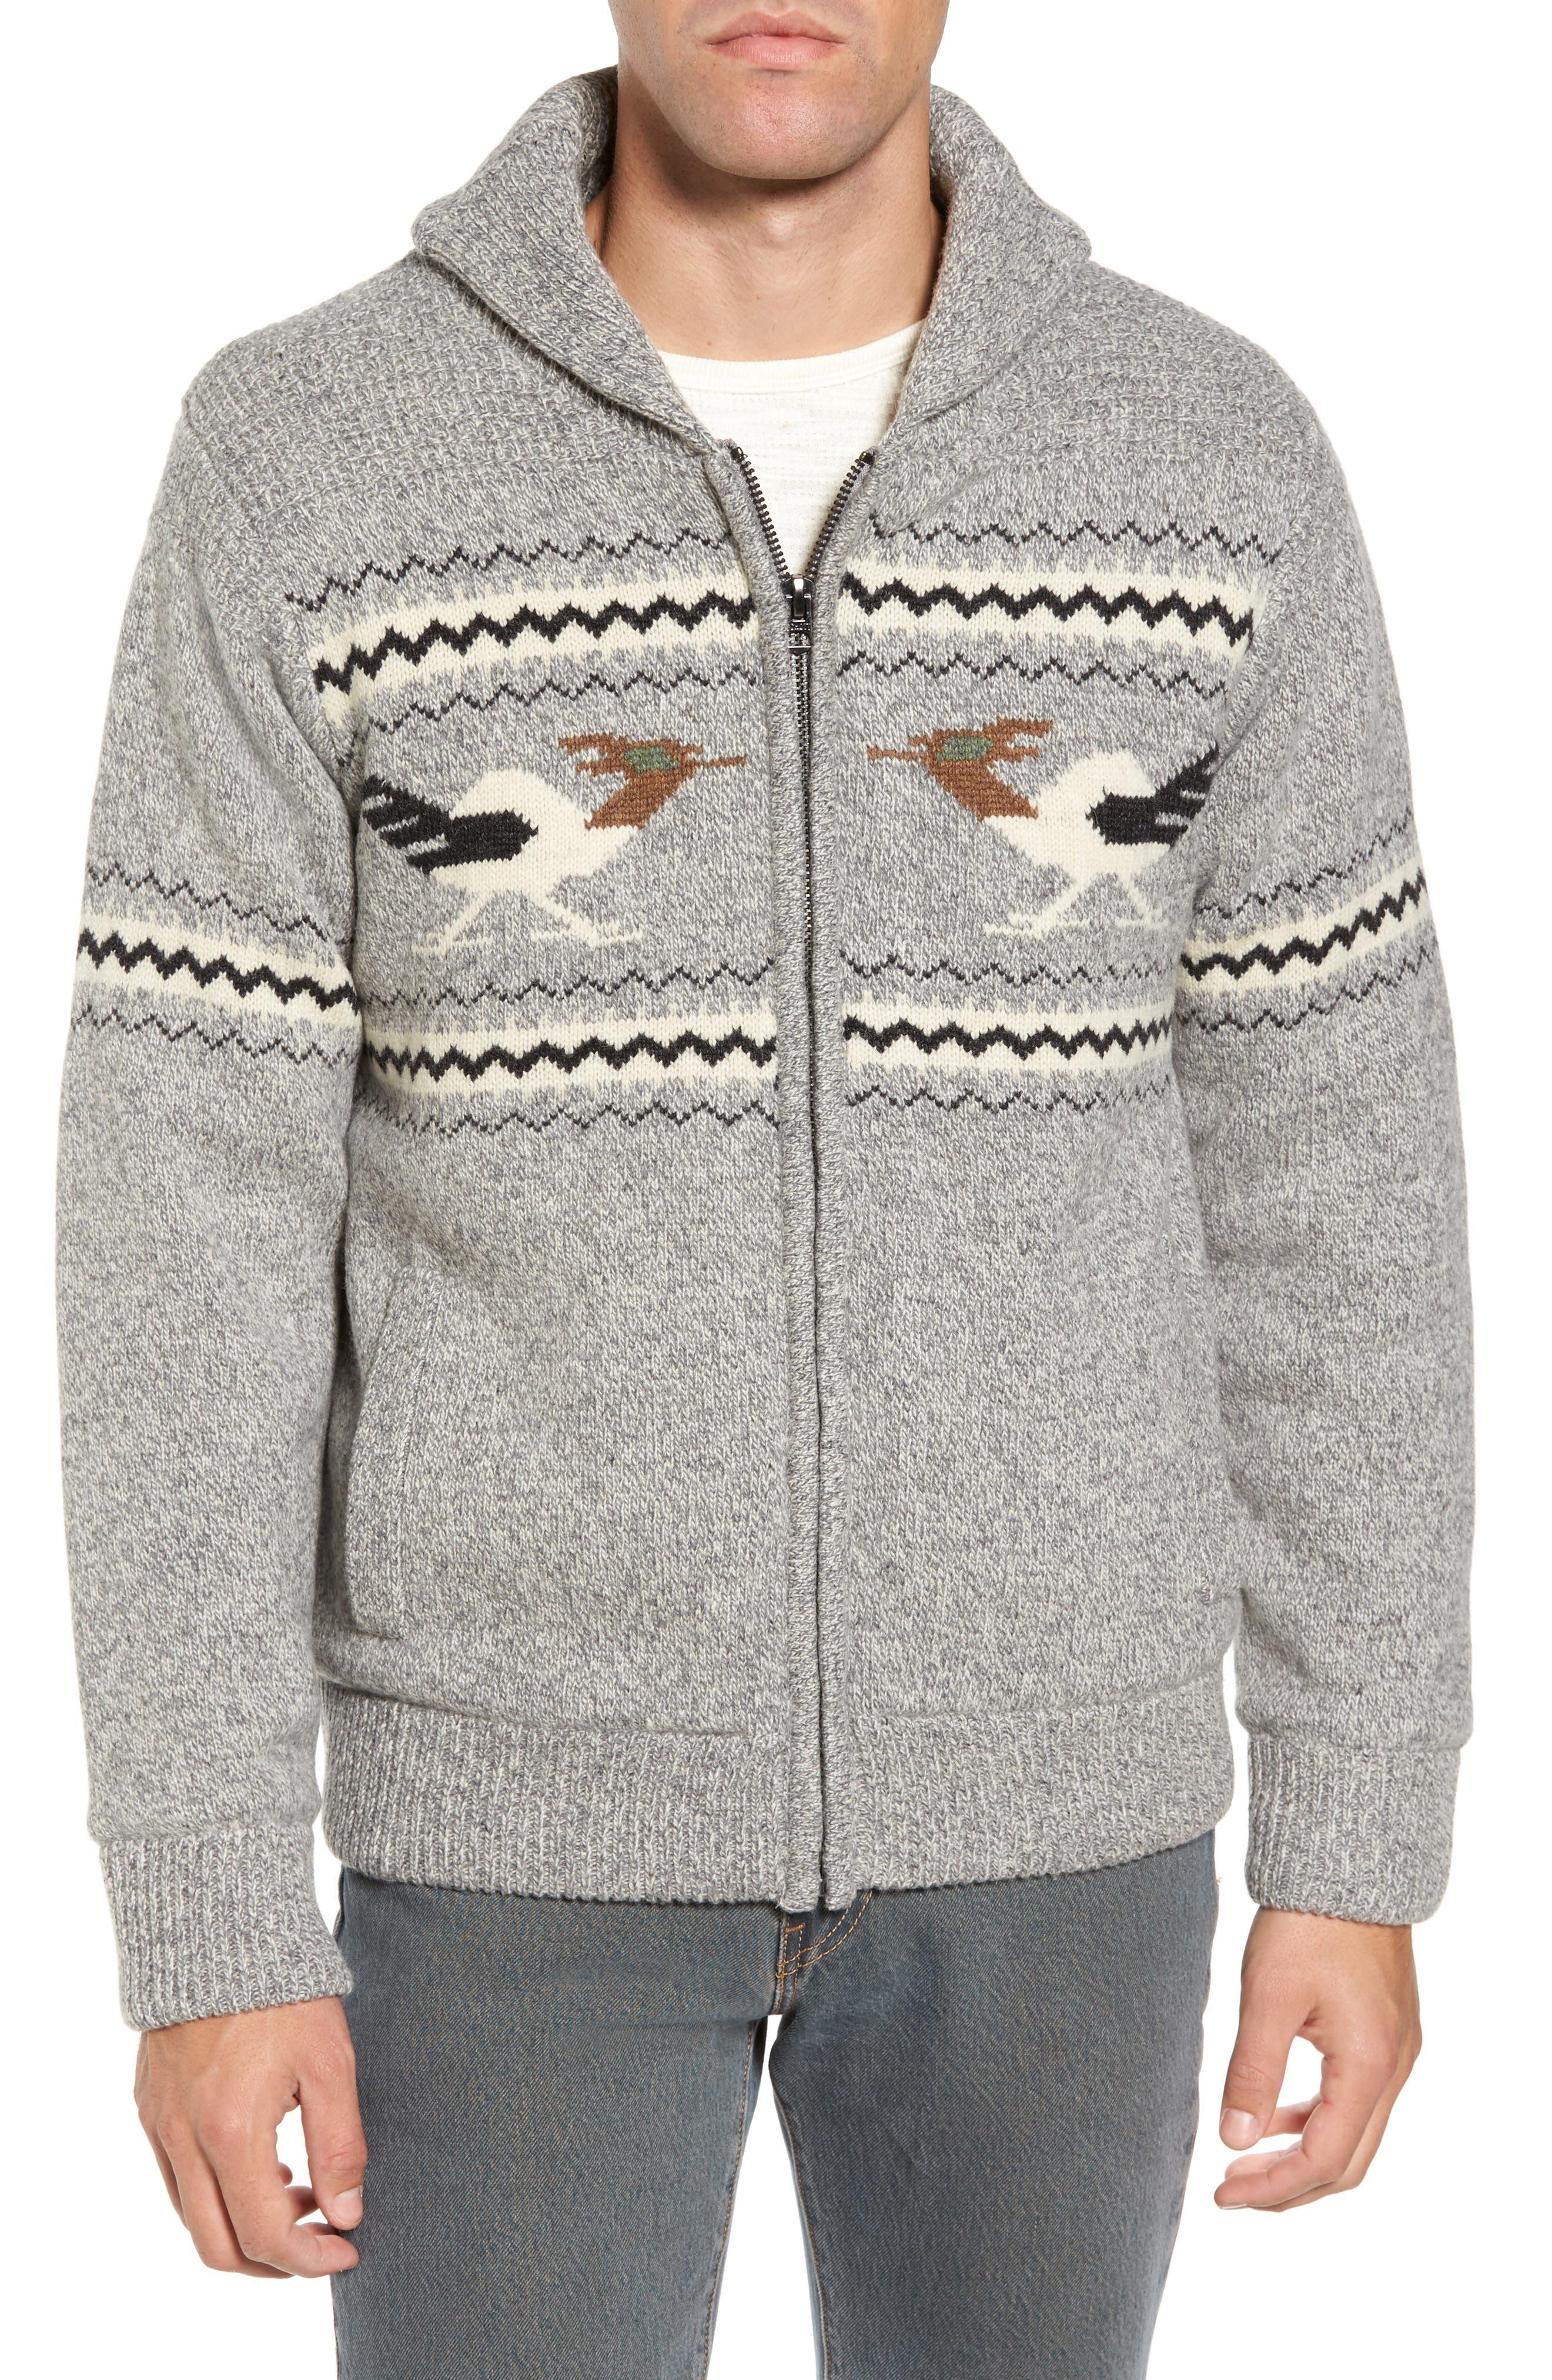 Road Runner Wool Blend Cardigan,                         Main,                         color, 050